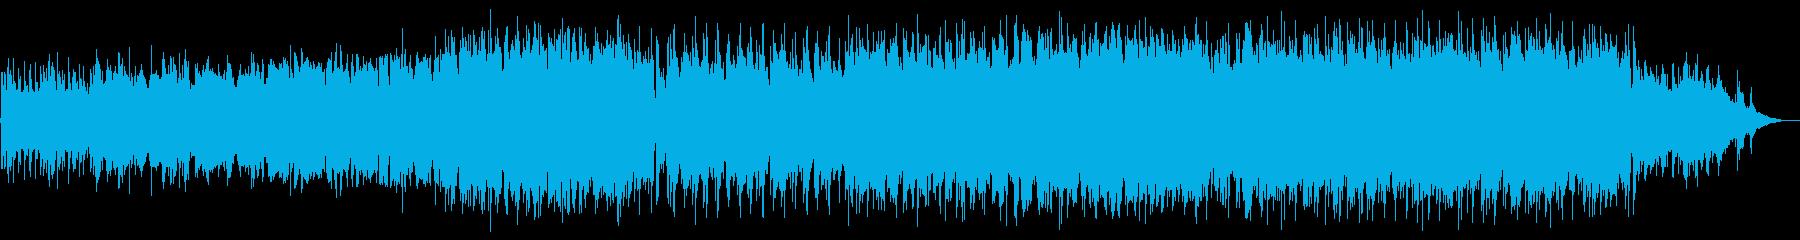 切ないメロディーが印象的なバラードBGMの再生済みの波形